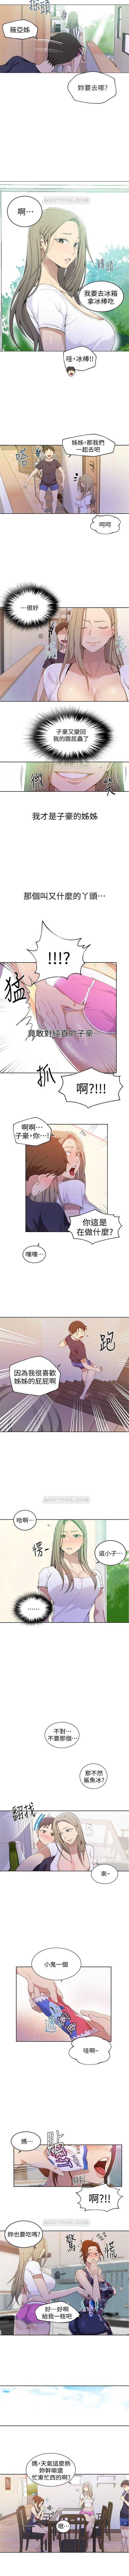 秘密教學  1-50 官方中文(連載中) 223